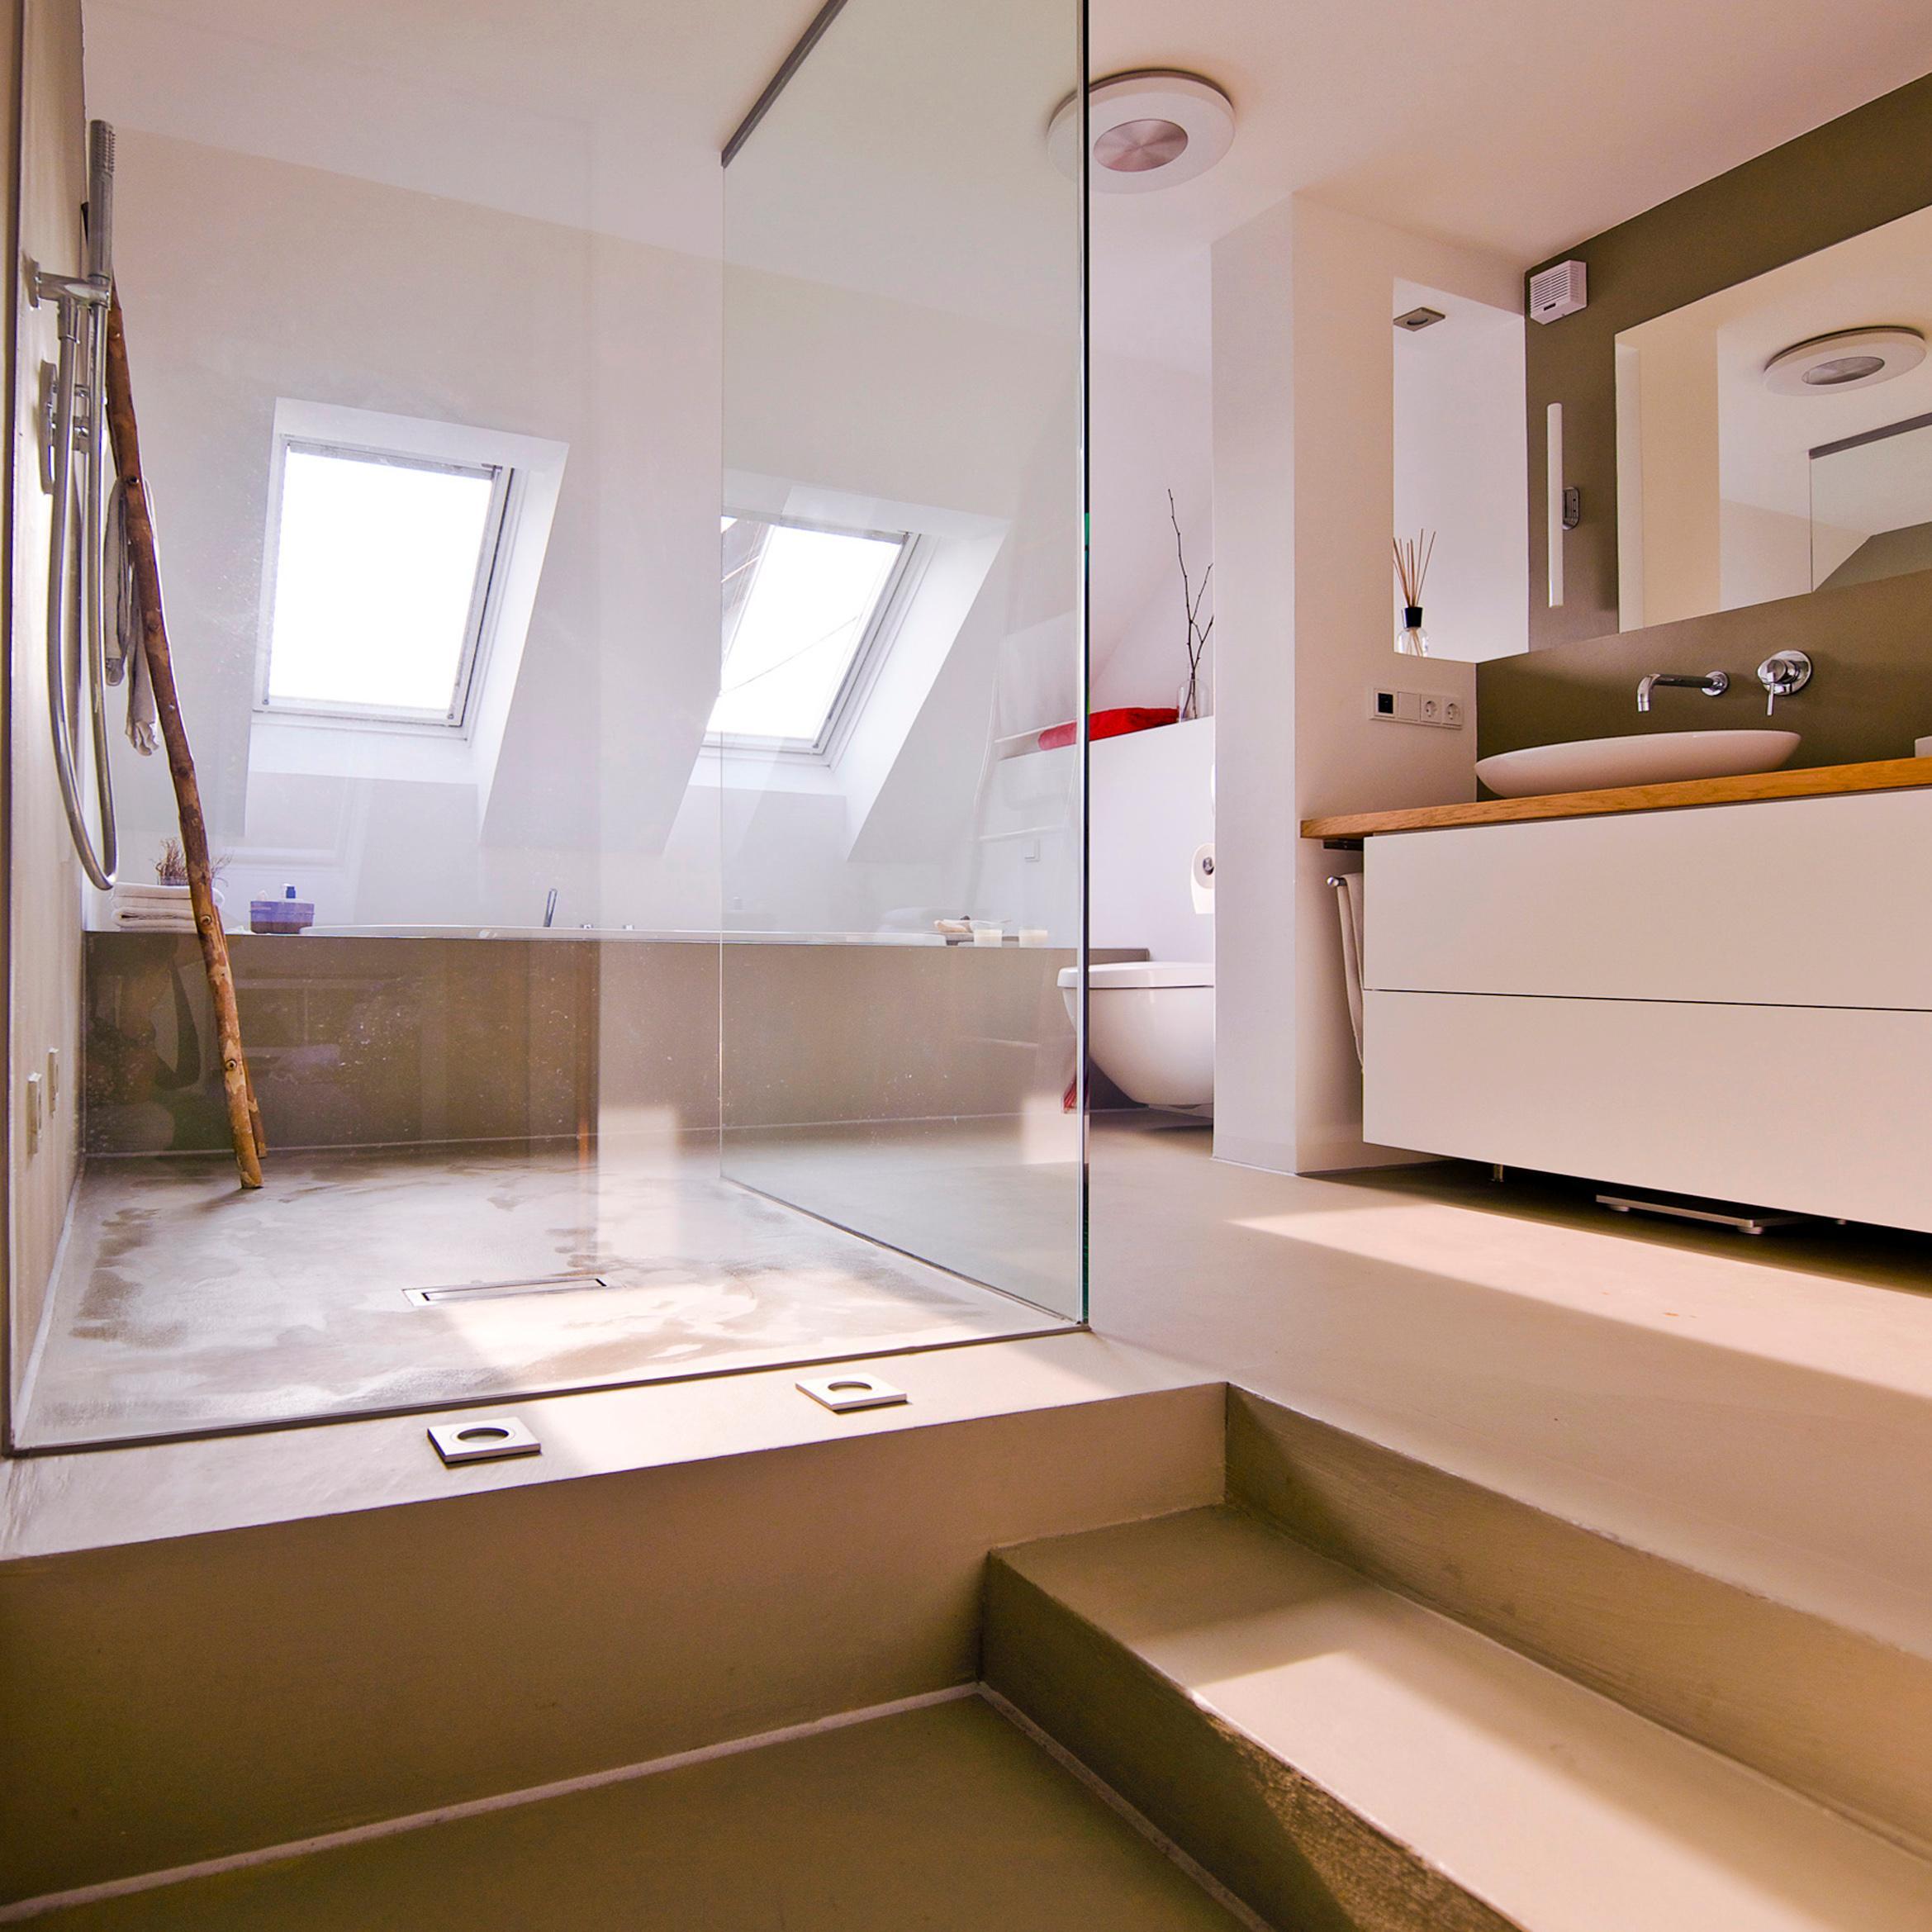 K Che Dachschr Ge awesome küche mit schräge images house design ideas cuscinema us